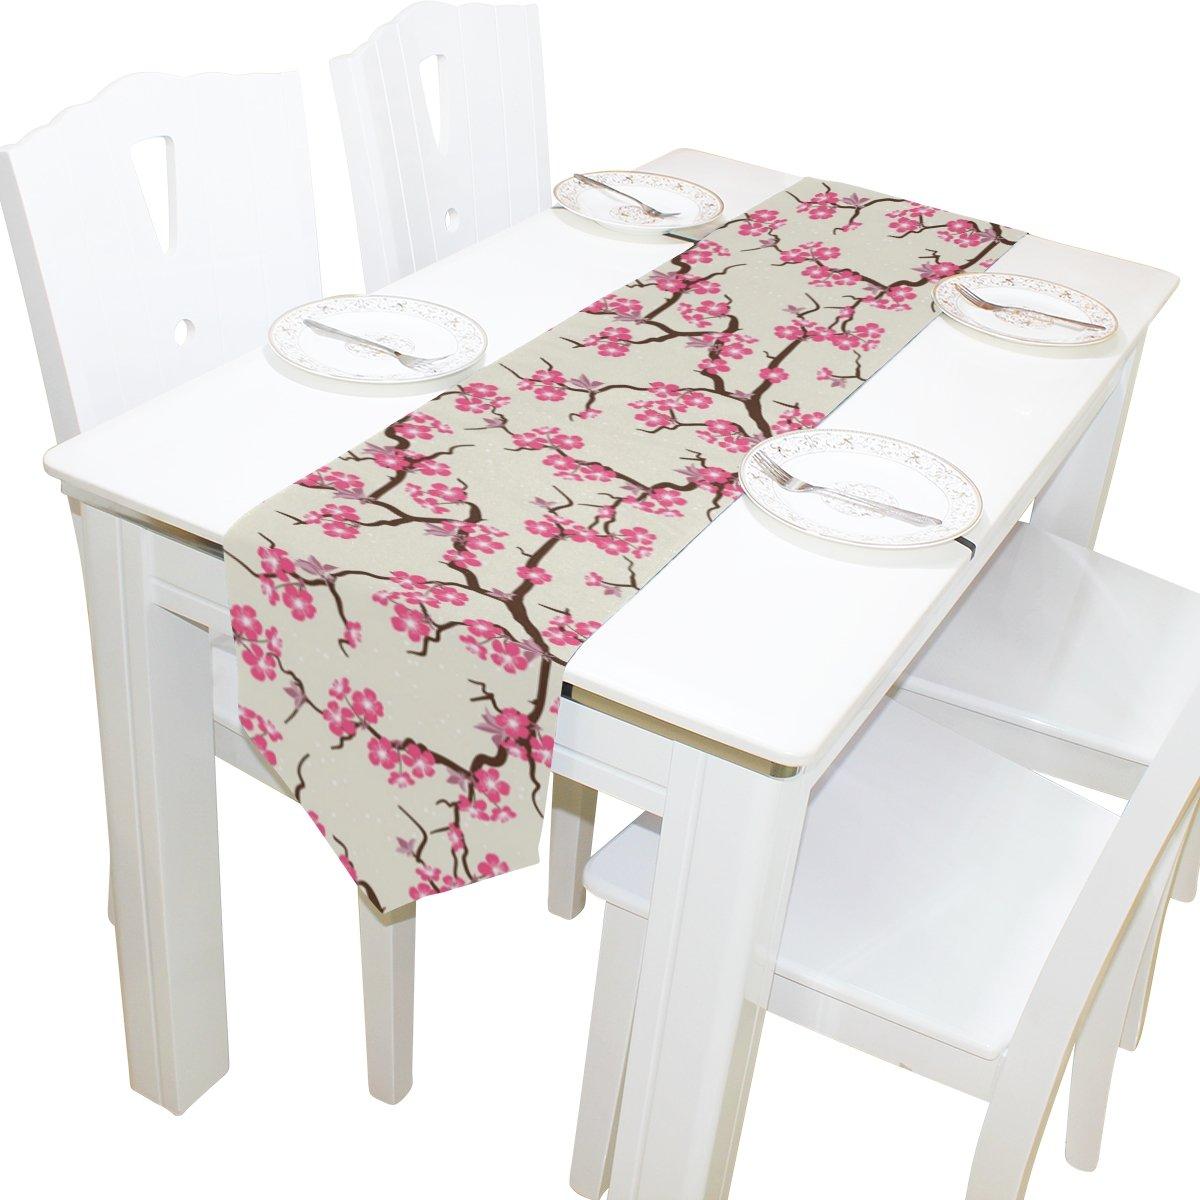 Alazaテーブルランナーホーム装飾、ヴィンテージJapanese Cherry Blossomテーブルクロスランナーコーヒーマットforウェディングパーティー宴会装飾13 x 70インチ 13x70 ホワイト 13x70  B075LMVSDV